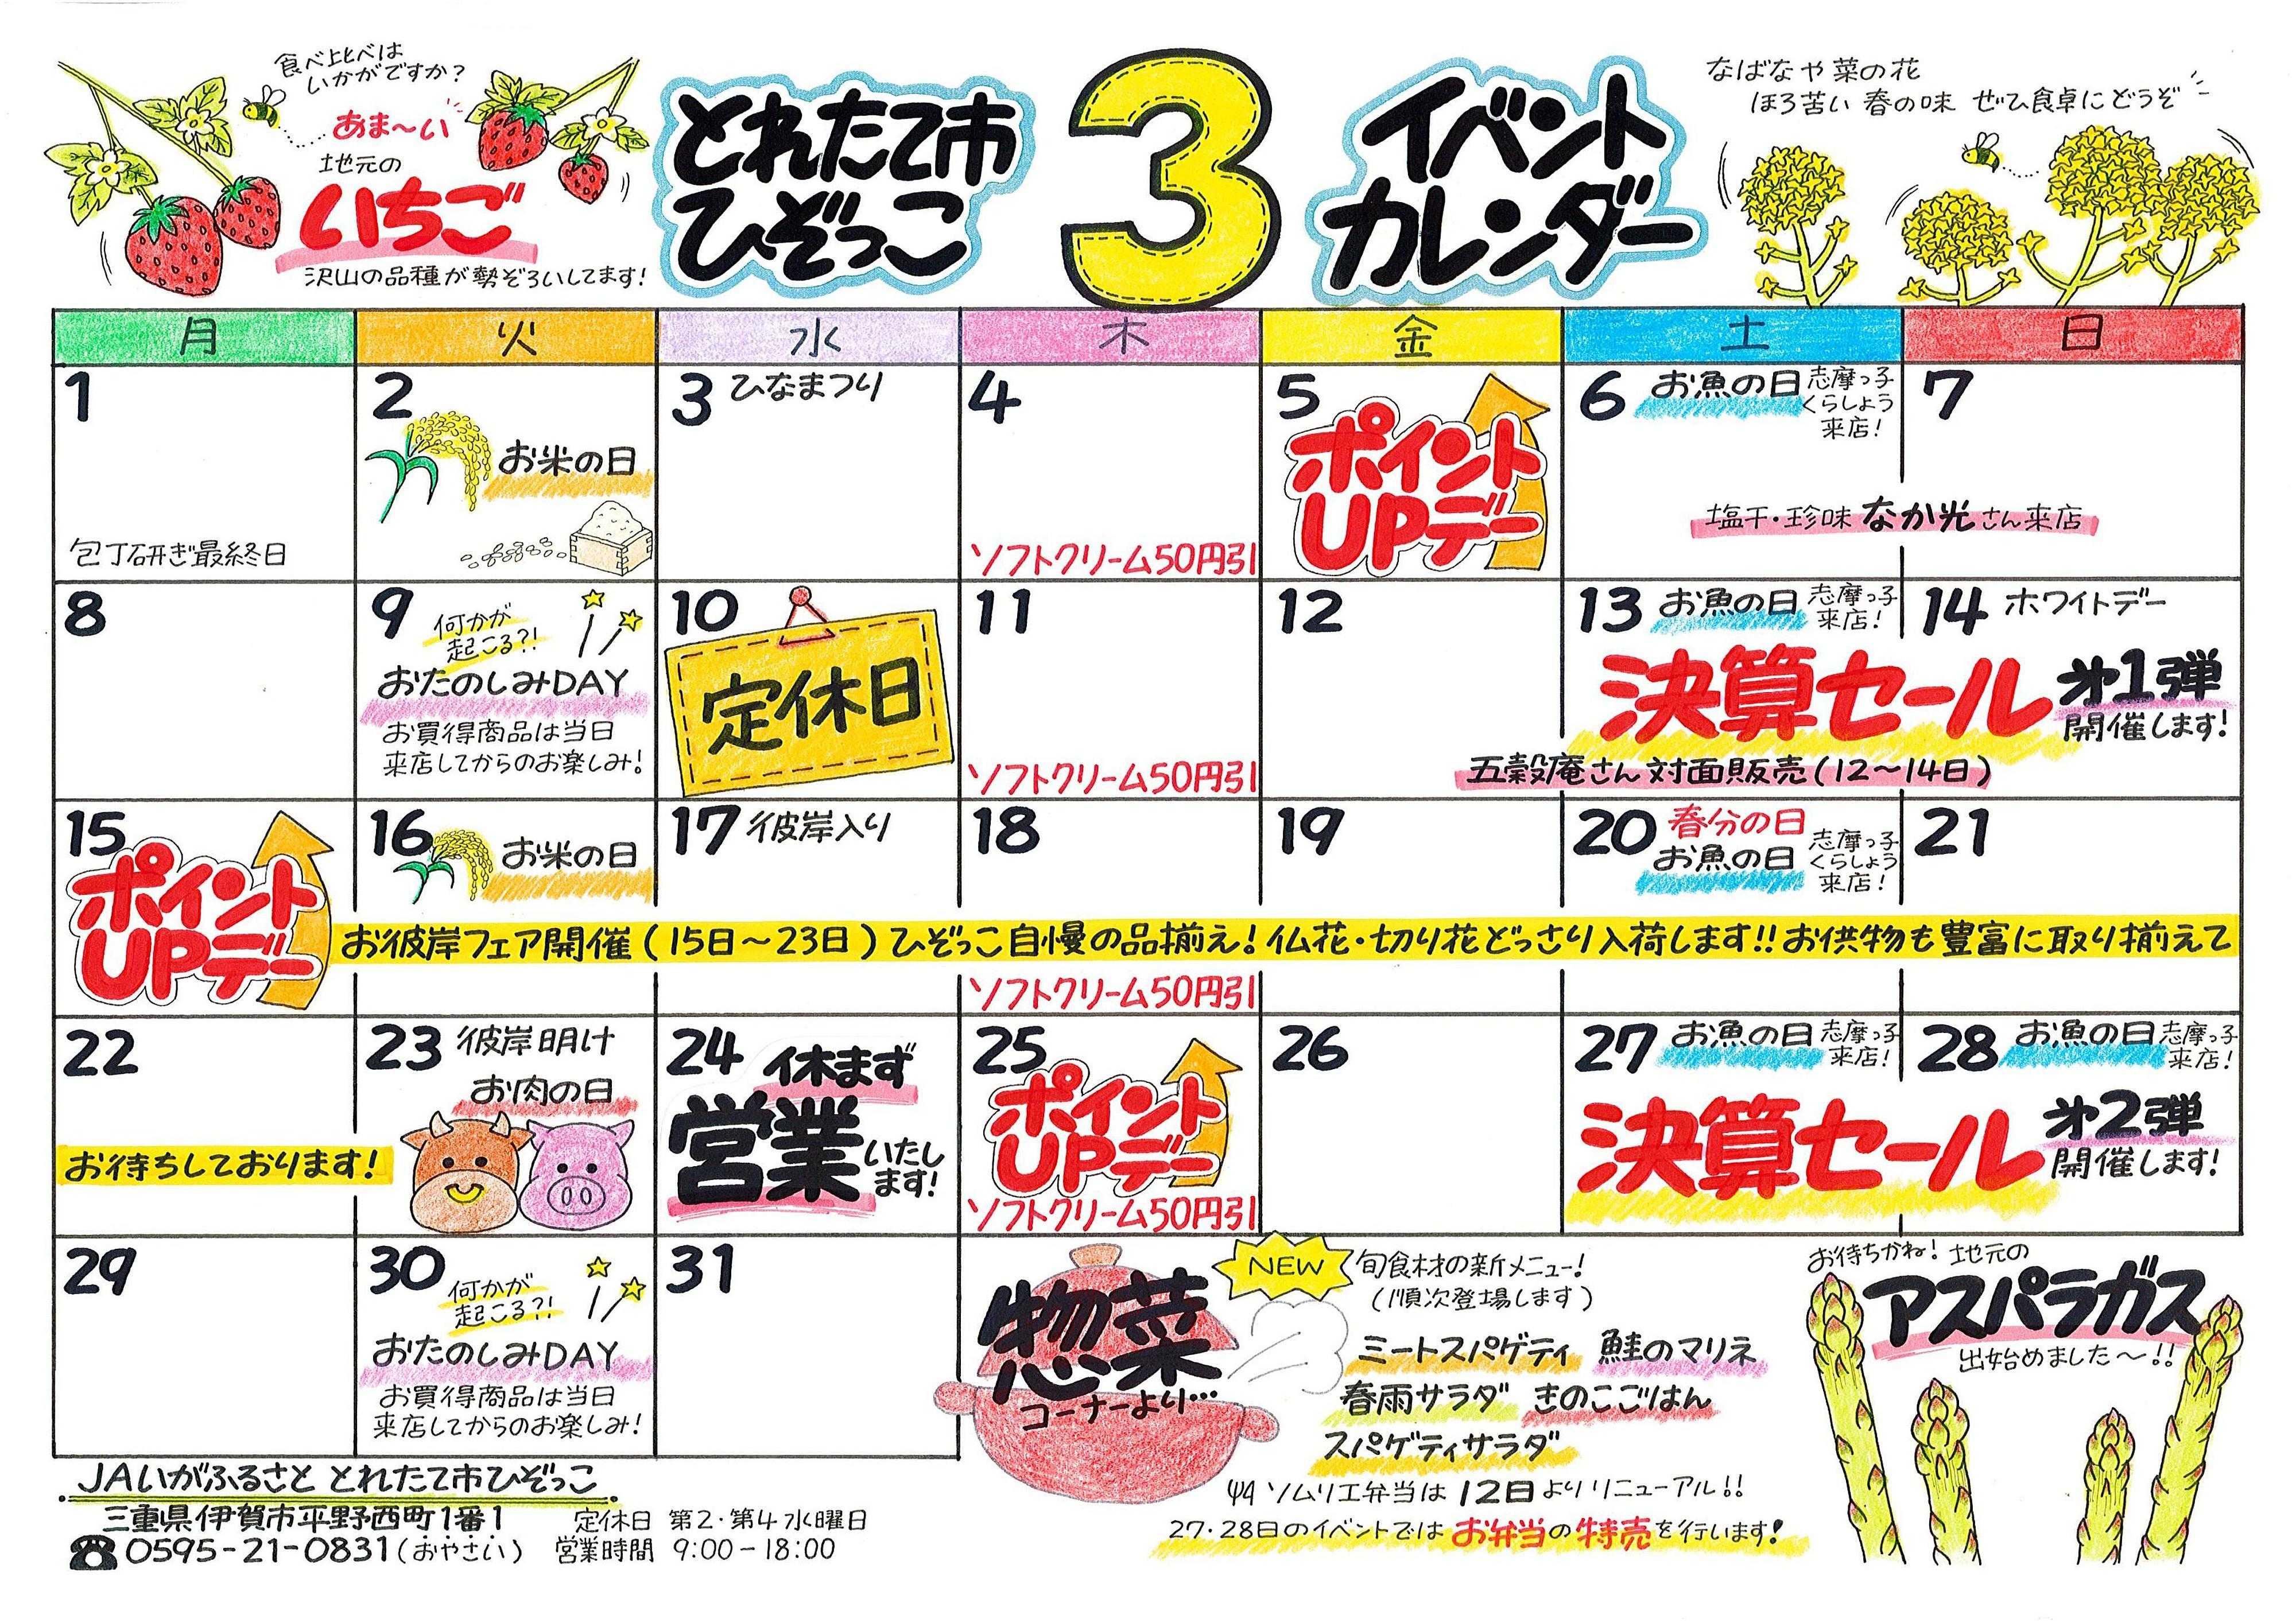 JAいがふるさと 3月のイベントカレンダーです!